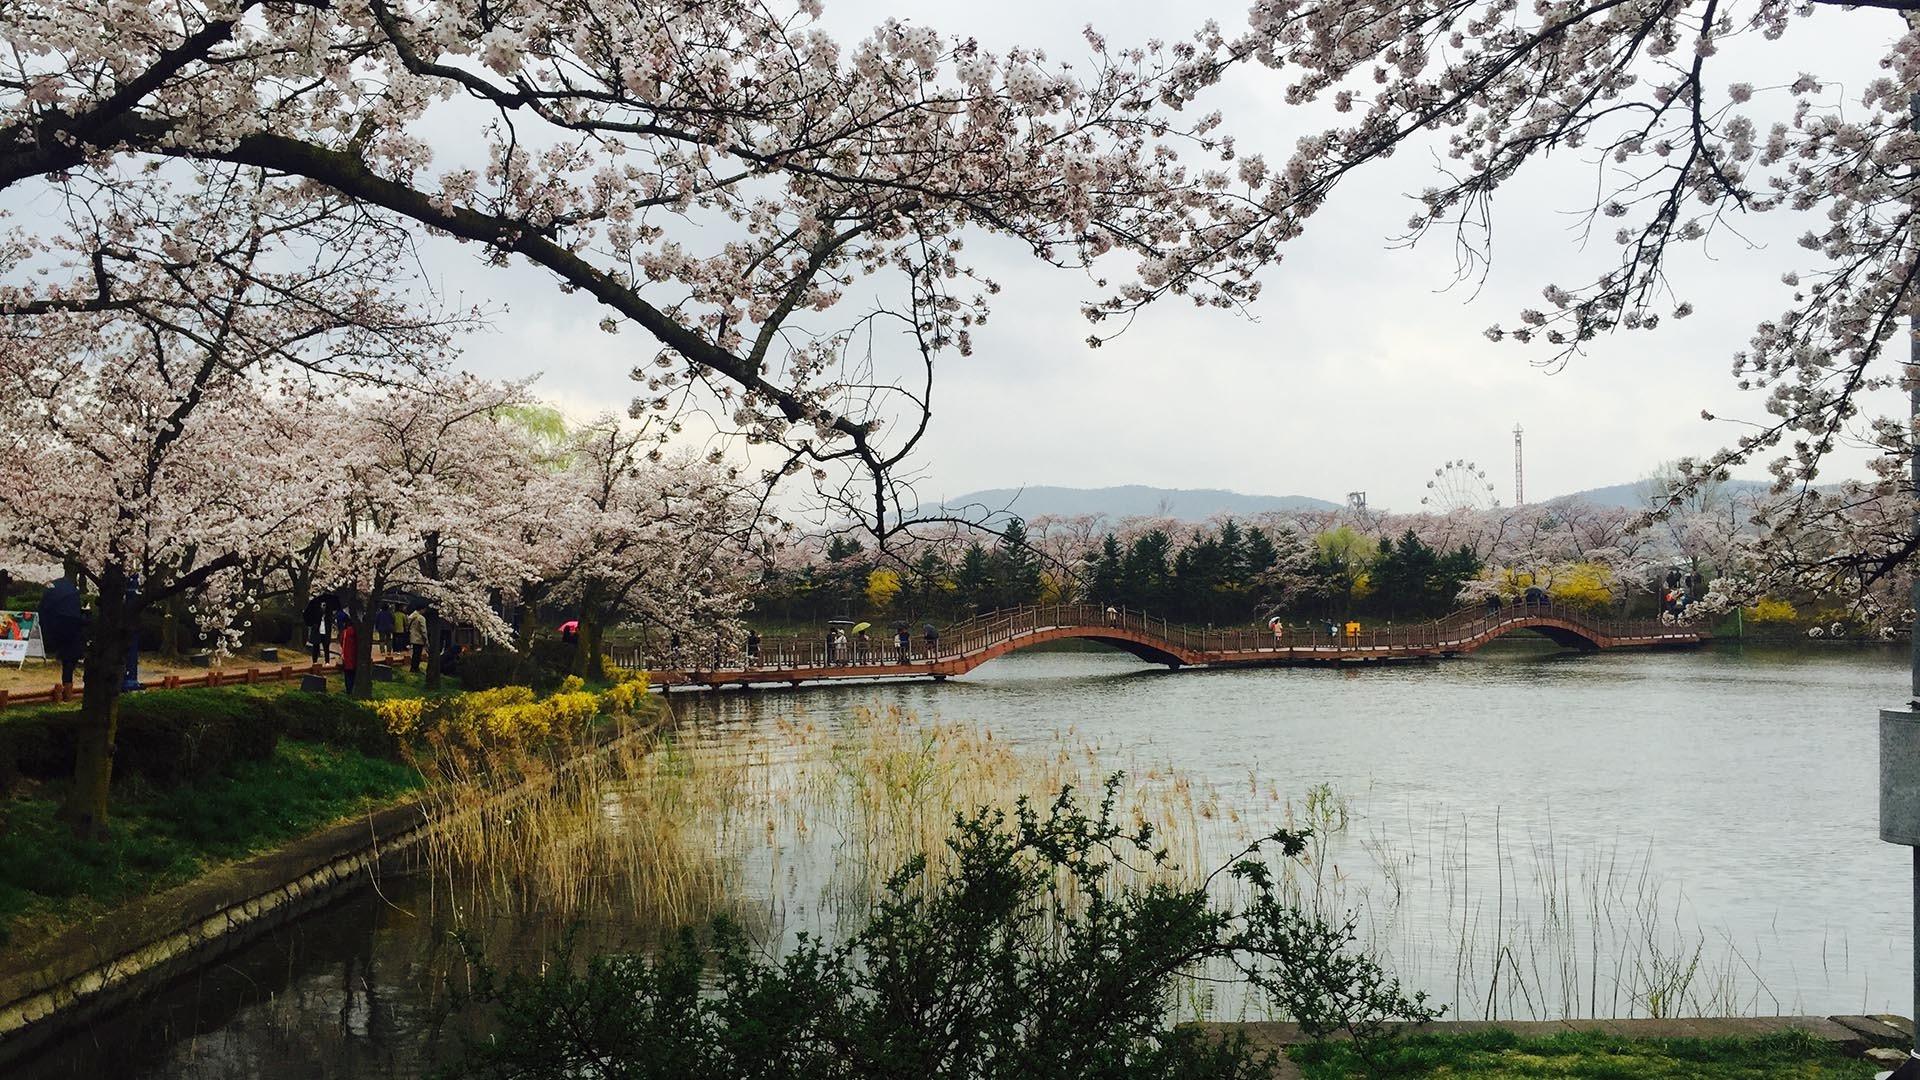 Busan Cherry blossom tour yeonji park cherry blossom